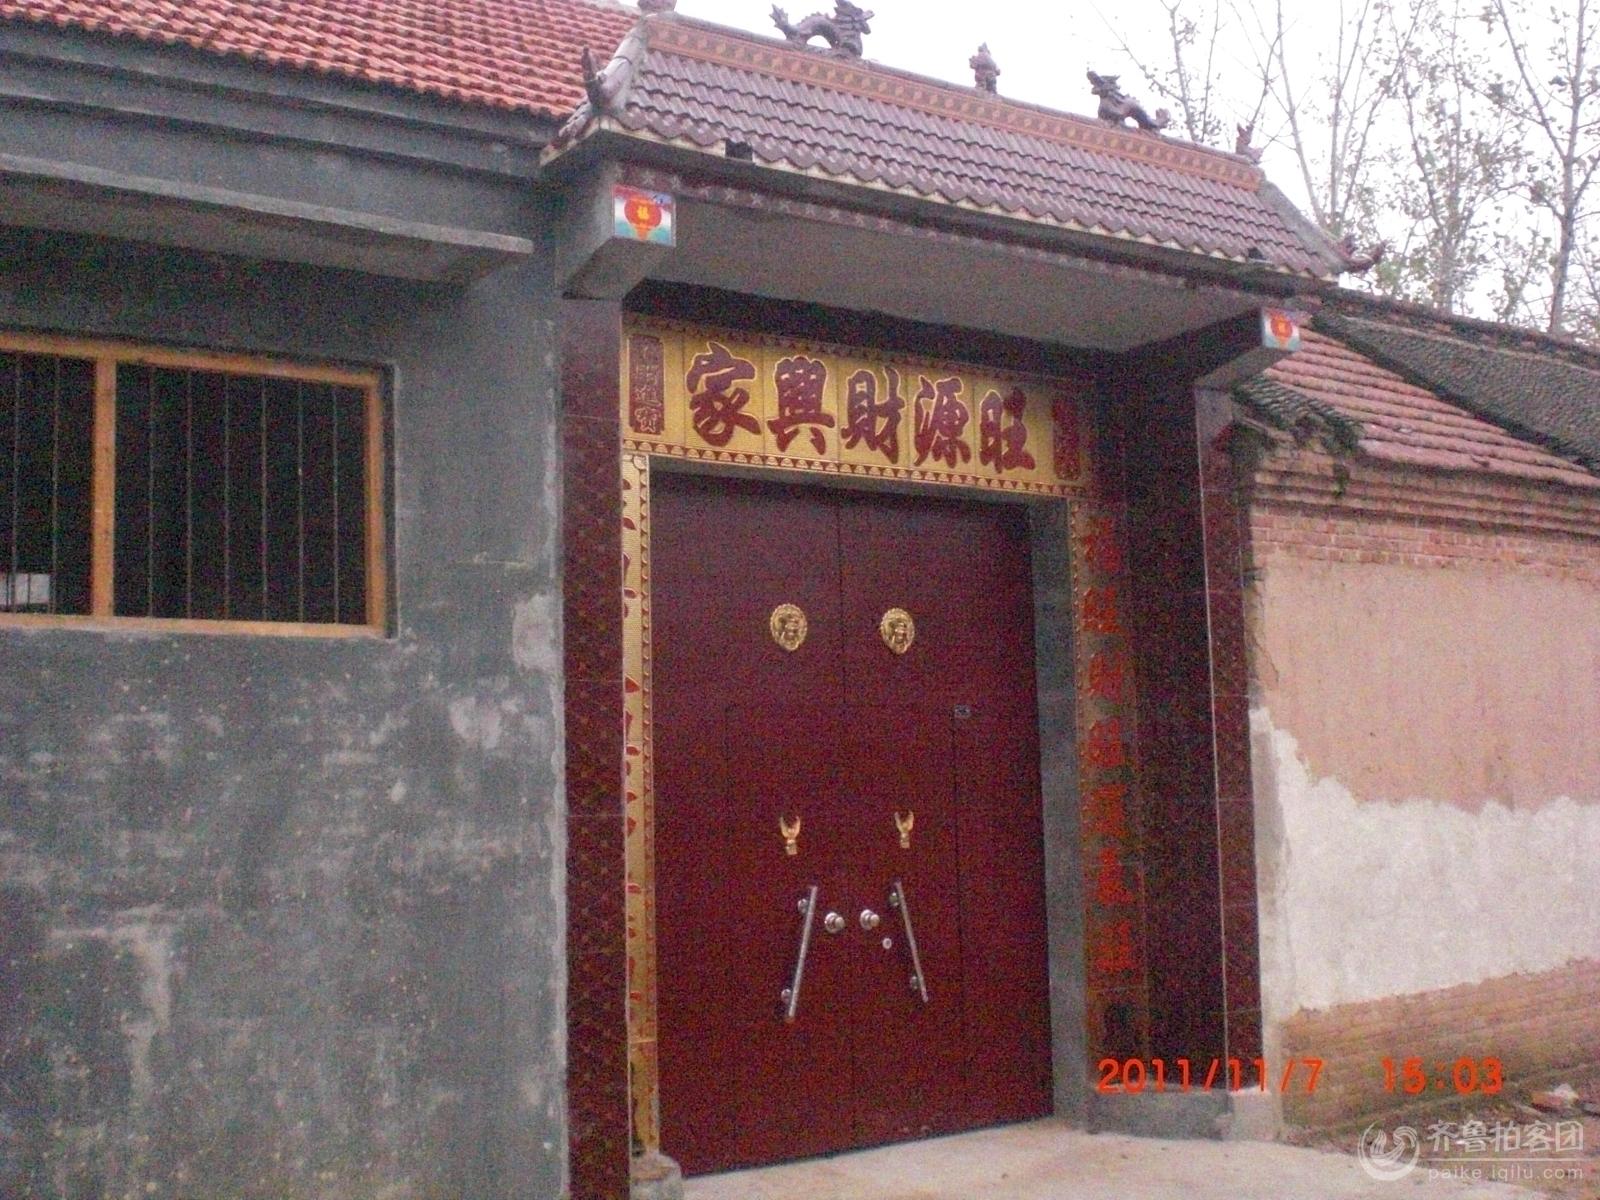 大门设计图片,农村庭院围墙大门风水,农村庭院大门铁艺门,农村